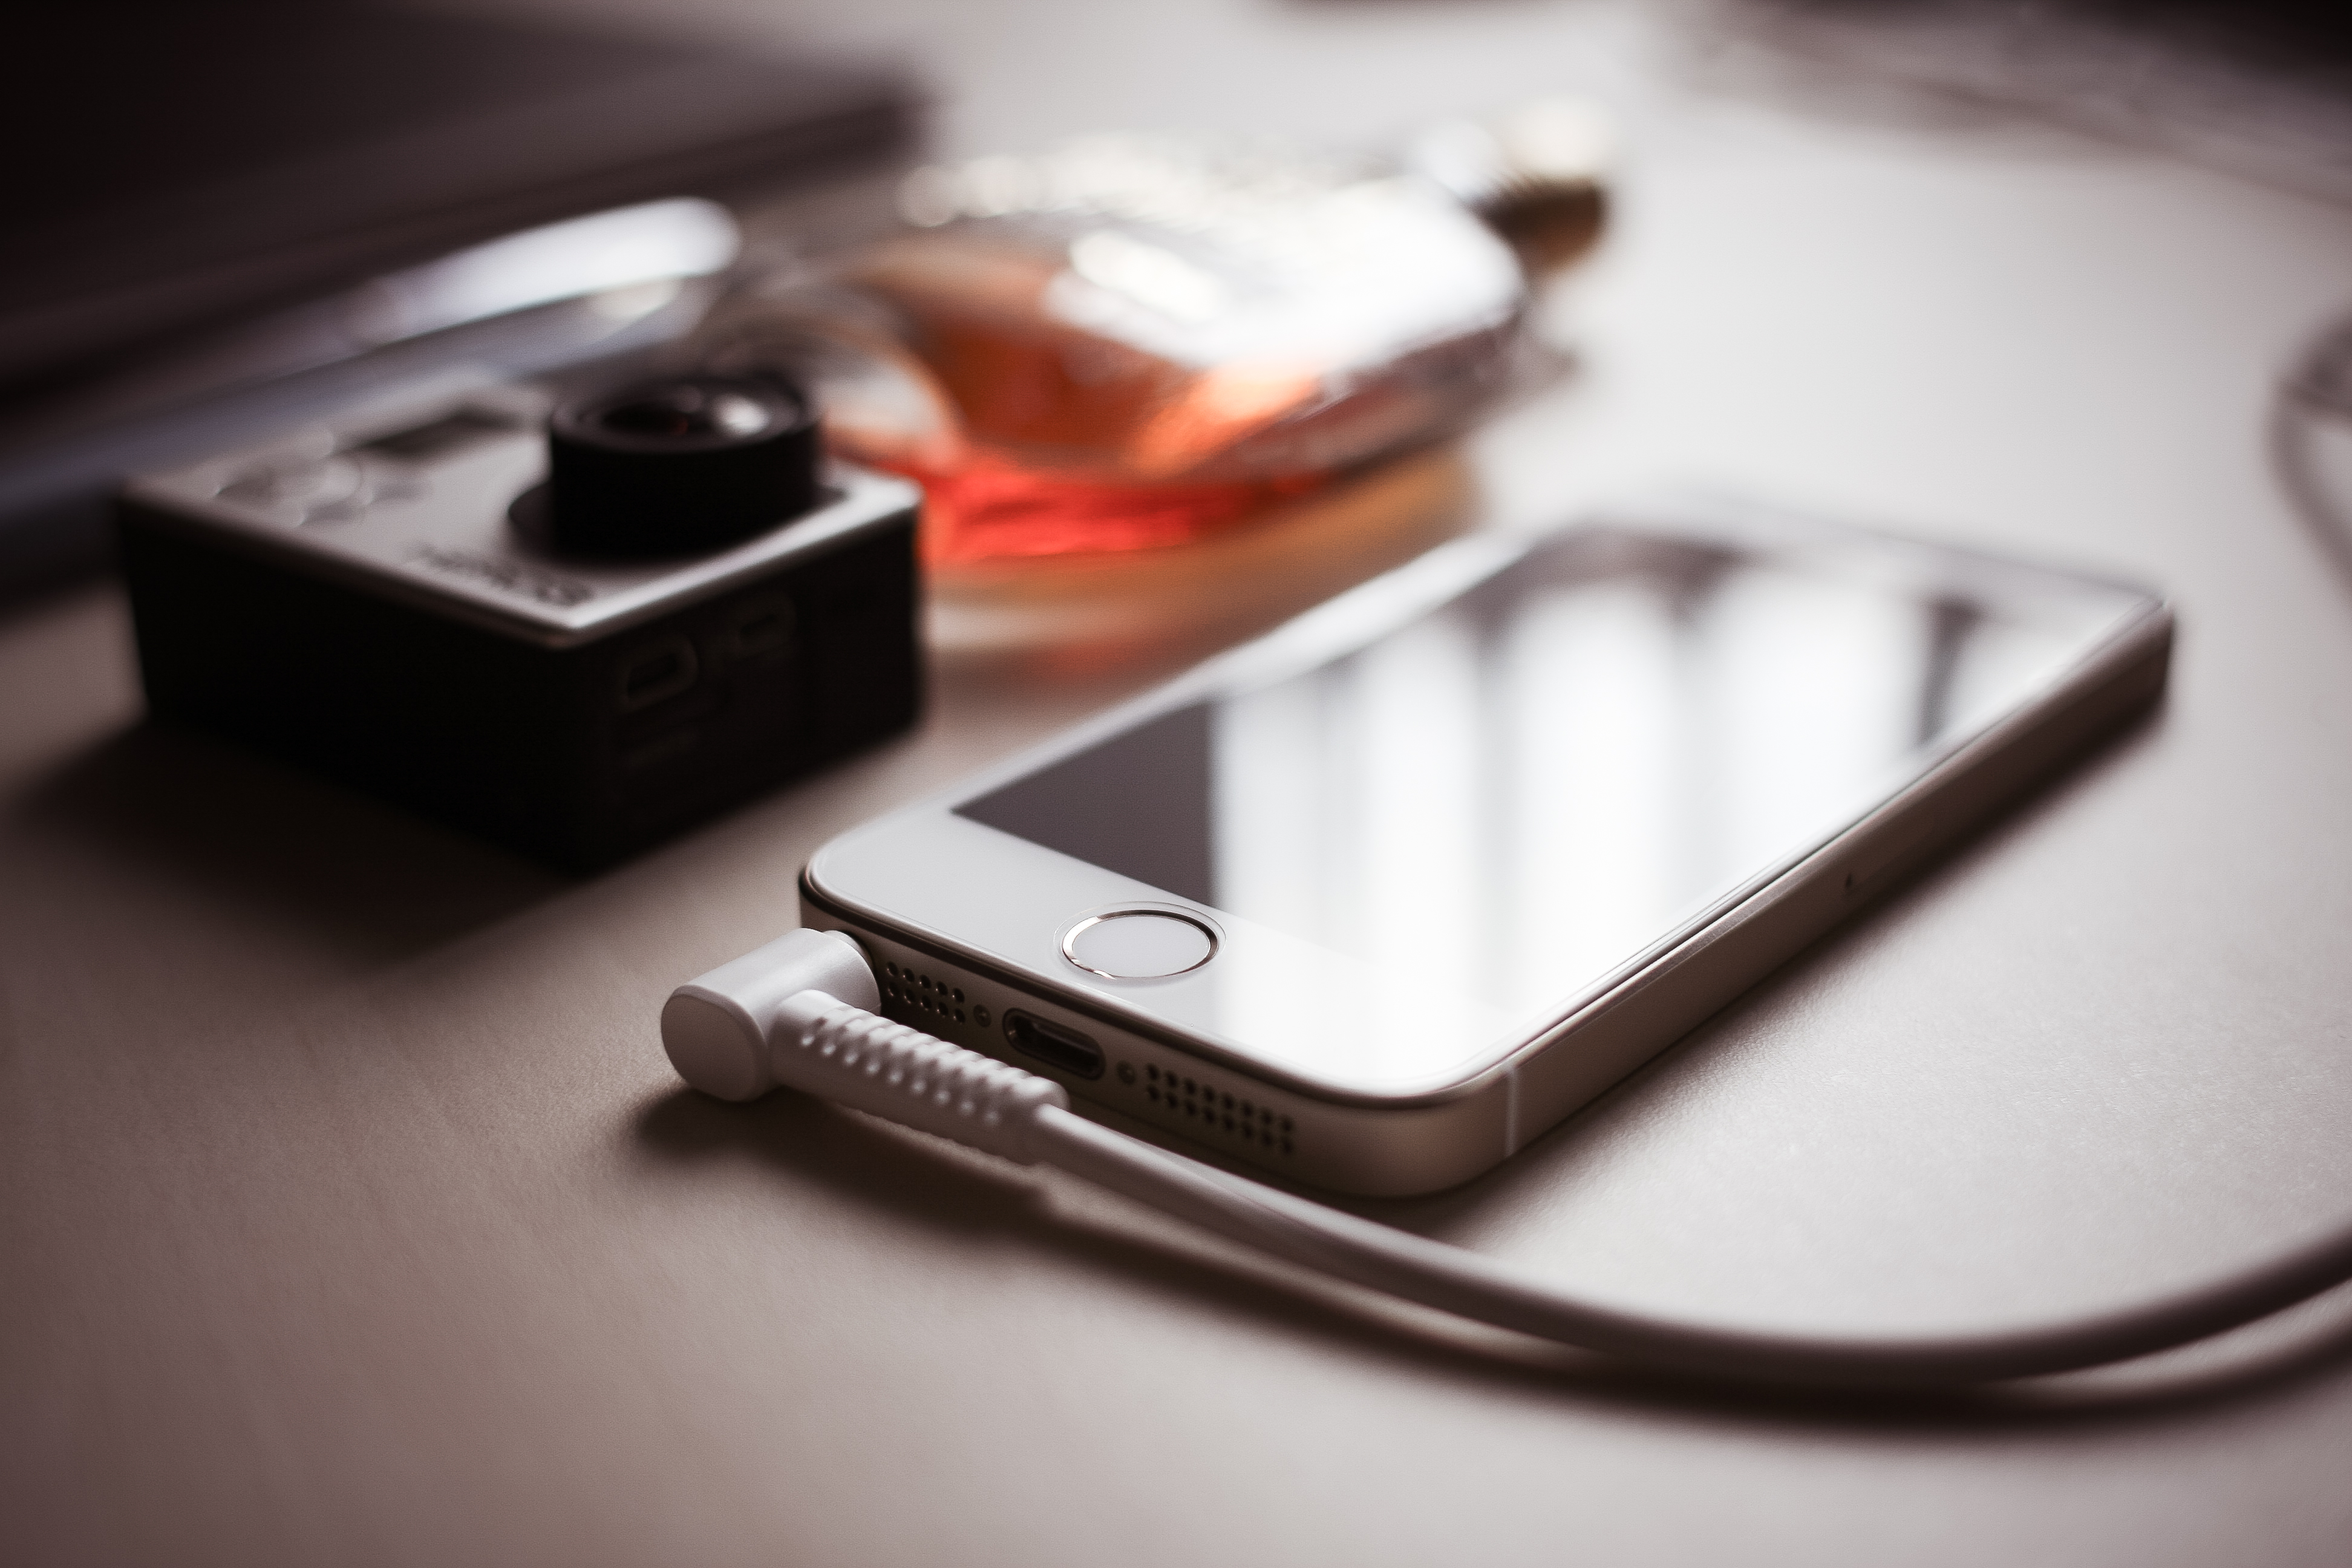 iphone-5s-with-headphones-jack-picjumbo-com